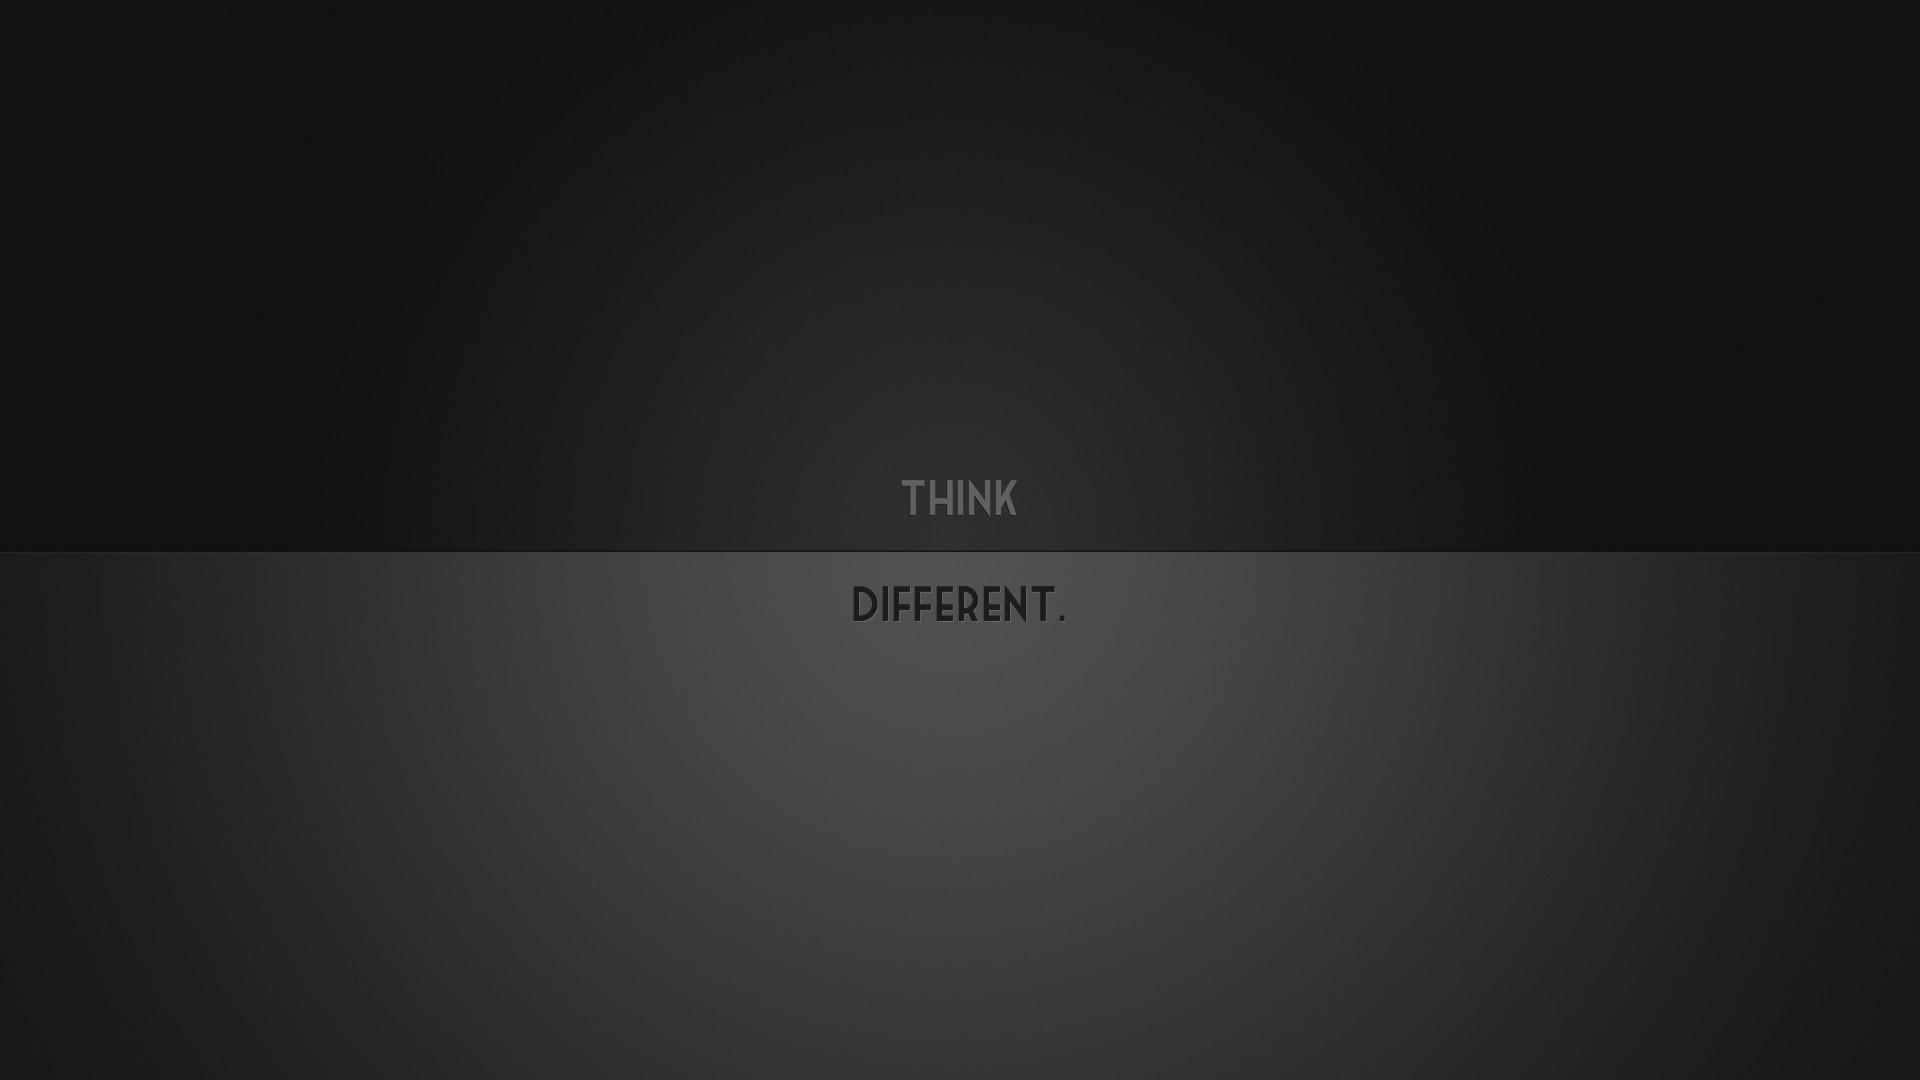 1920x1080 Minimalistic Think Different desktop PC and Mac wallpaper 1920x1080